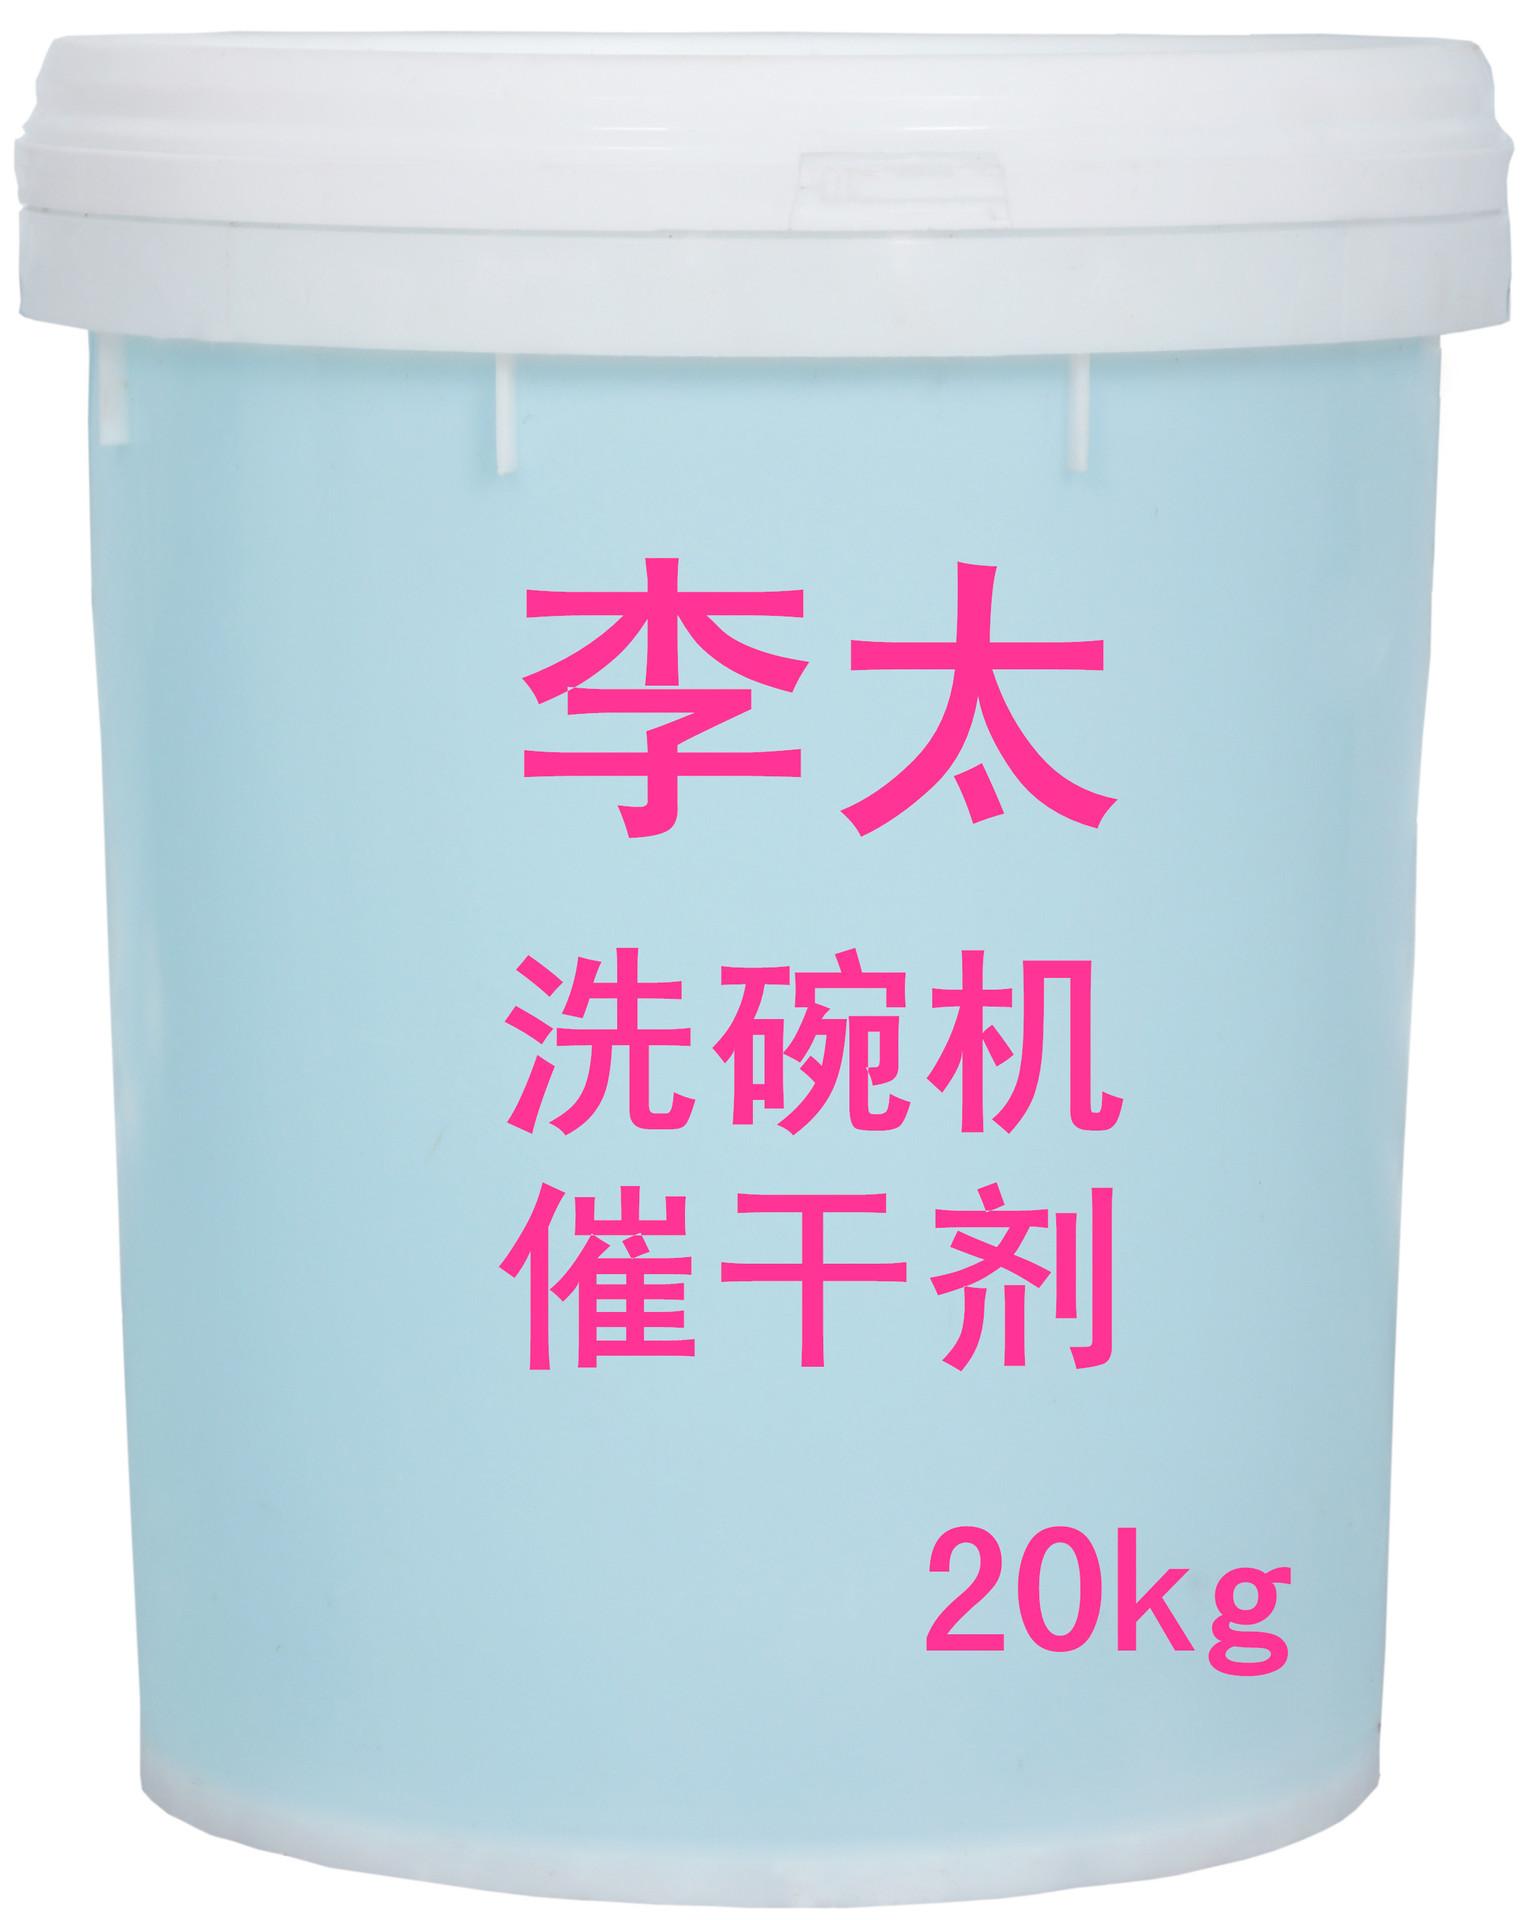 李太洗碗机催干剂20KG装 酒店消毒用品 家庭厨卫用品